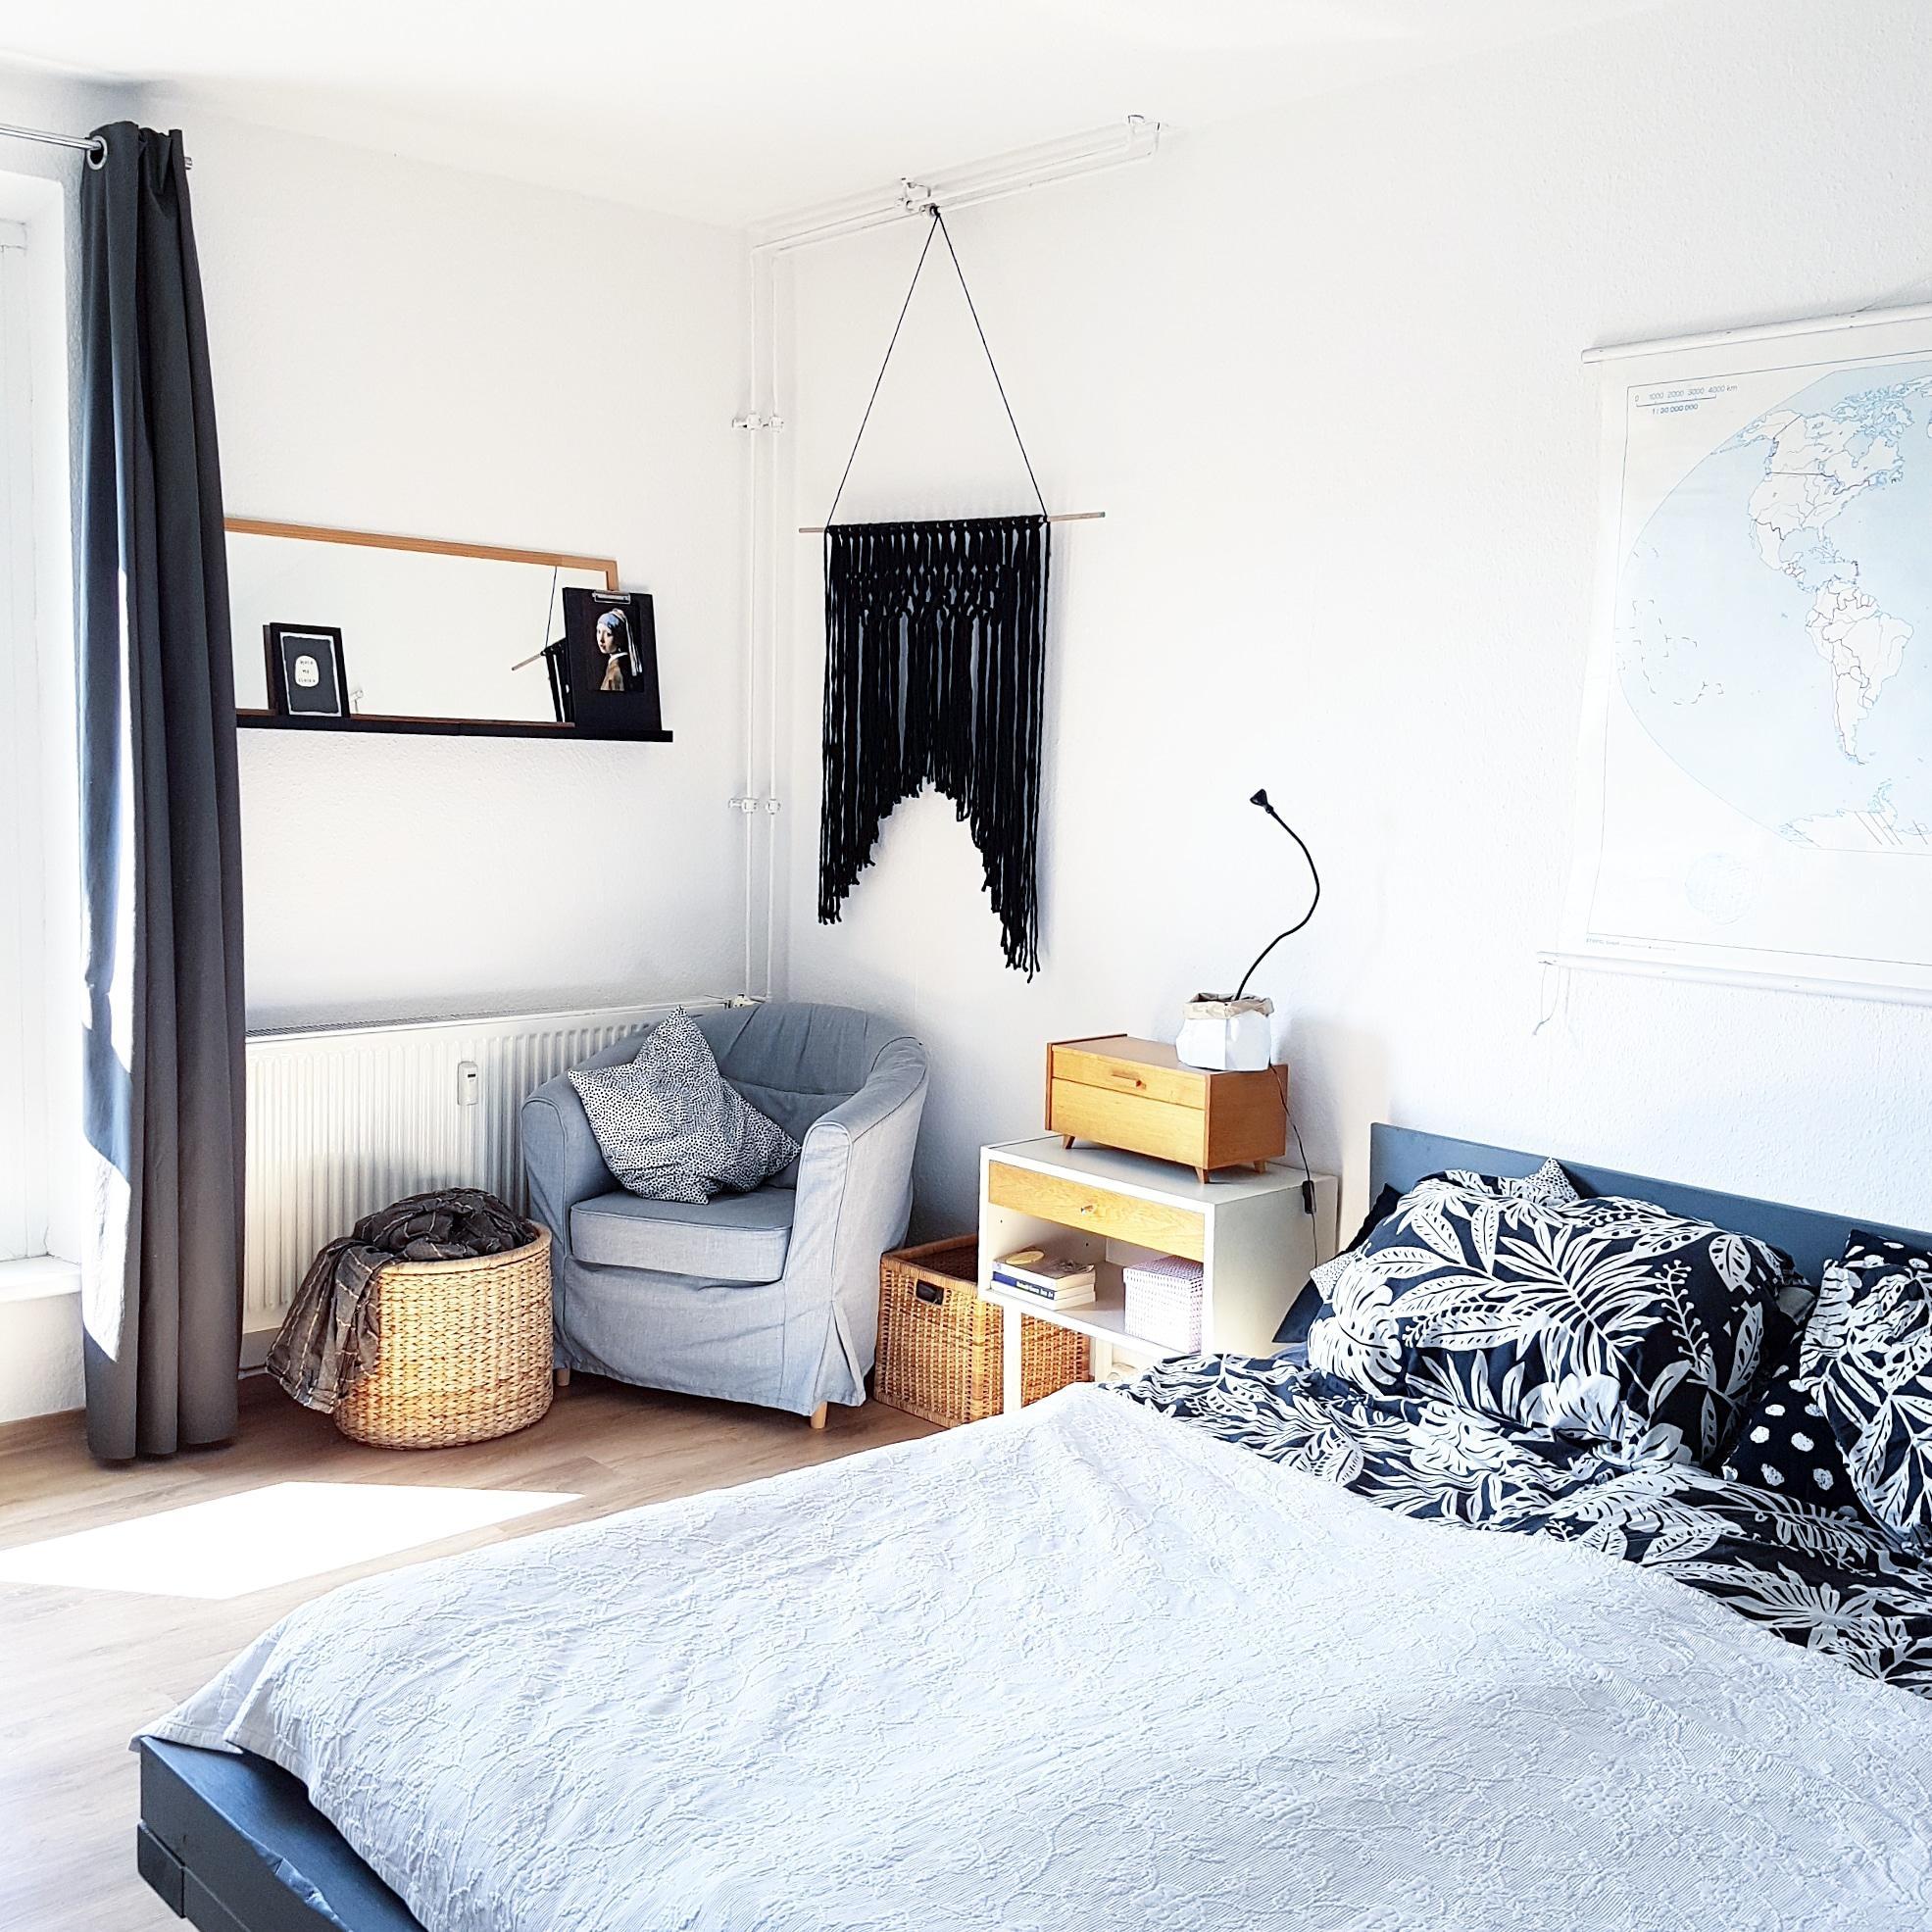 bett gestalten interesting einrichten tolle ideen deko grau weiss gestalten weia farbe bett. Black Bedroom Furniture Sets. Home Design Ideas